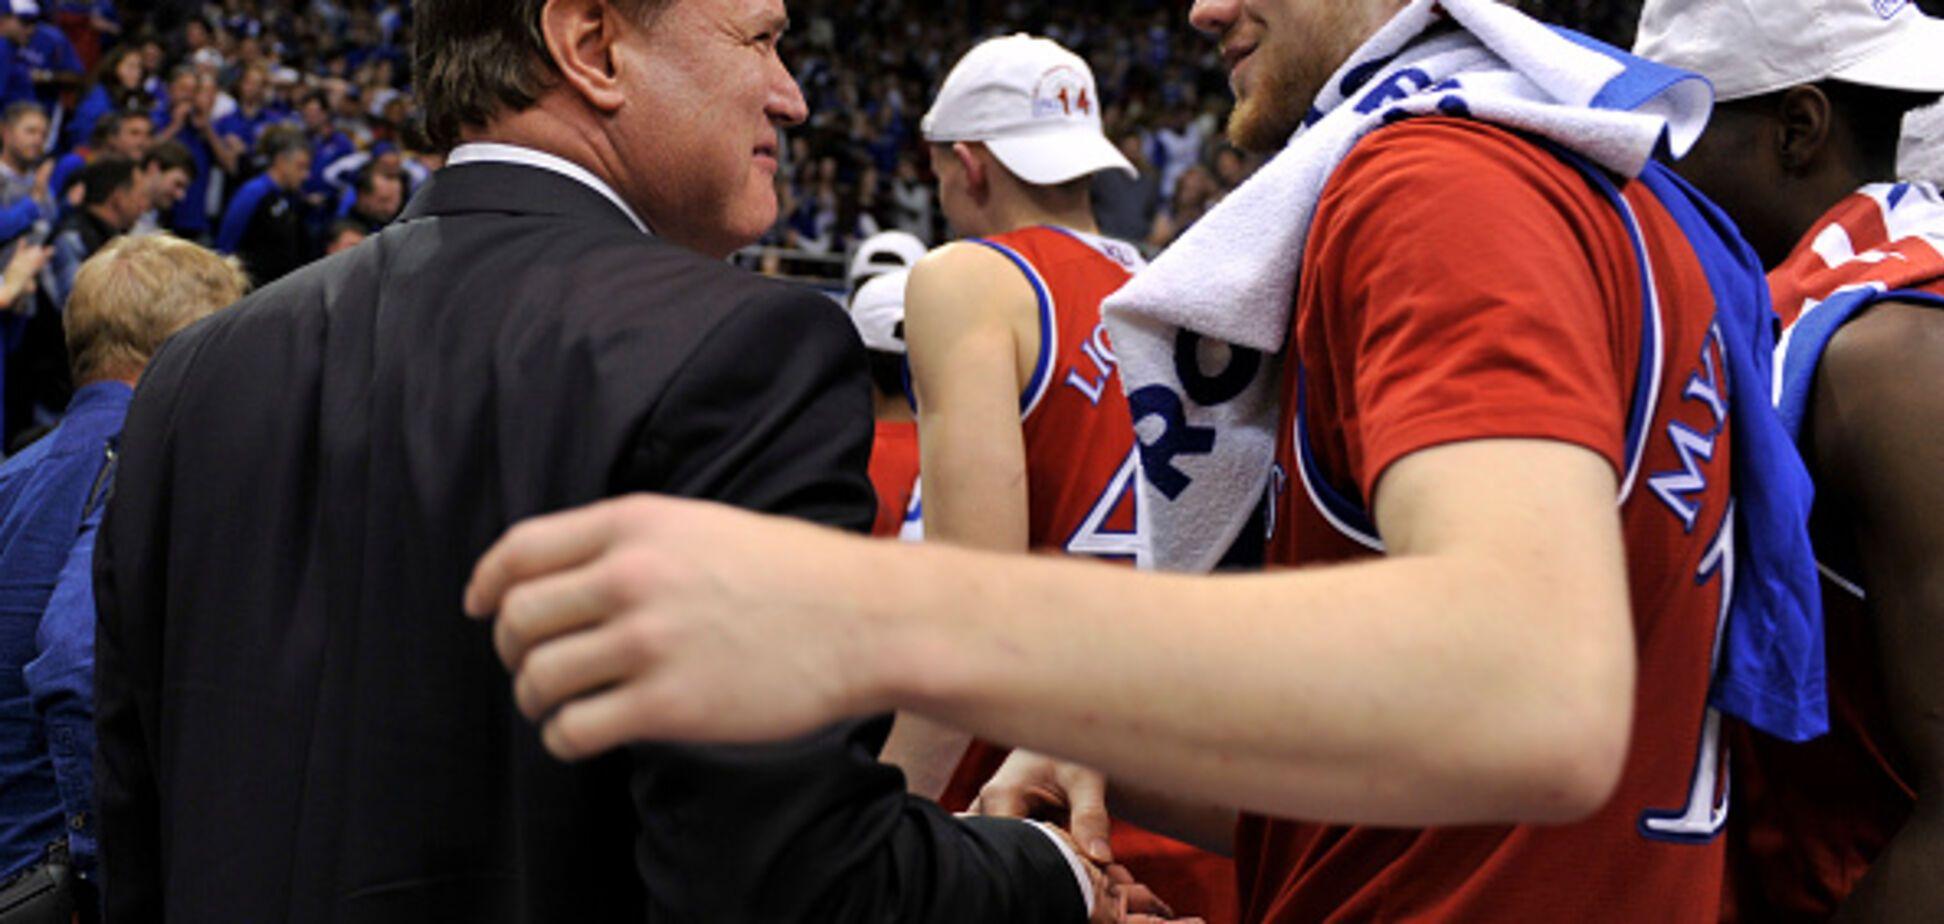 Баскетболист сборной Украины расплакался в США, когда ему устроили стоячие овации: опубликовано видео